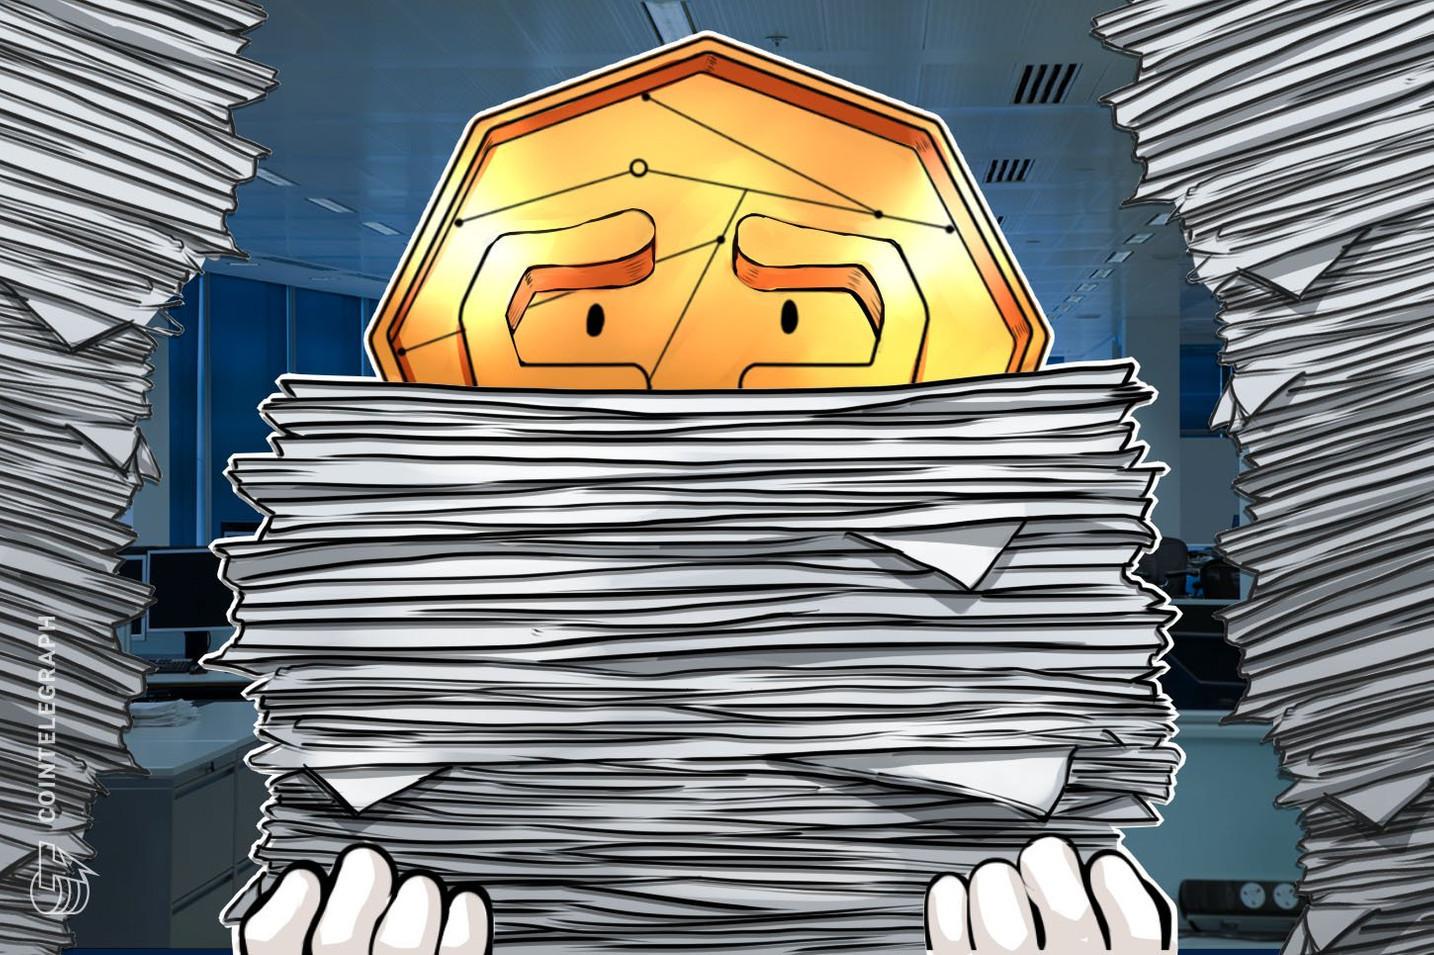 El sistema contraataca: ¿Los reguladores podrían frenar el boom?